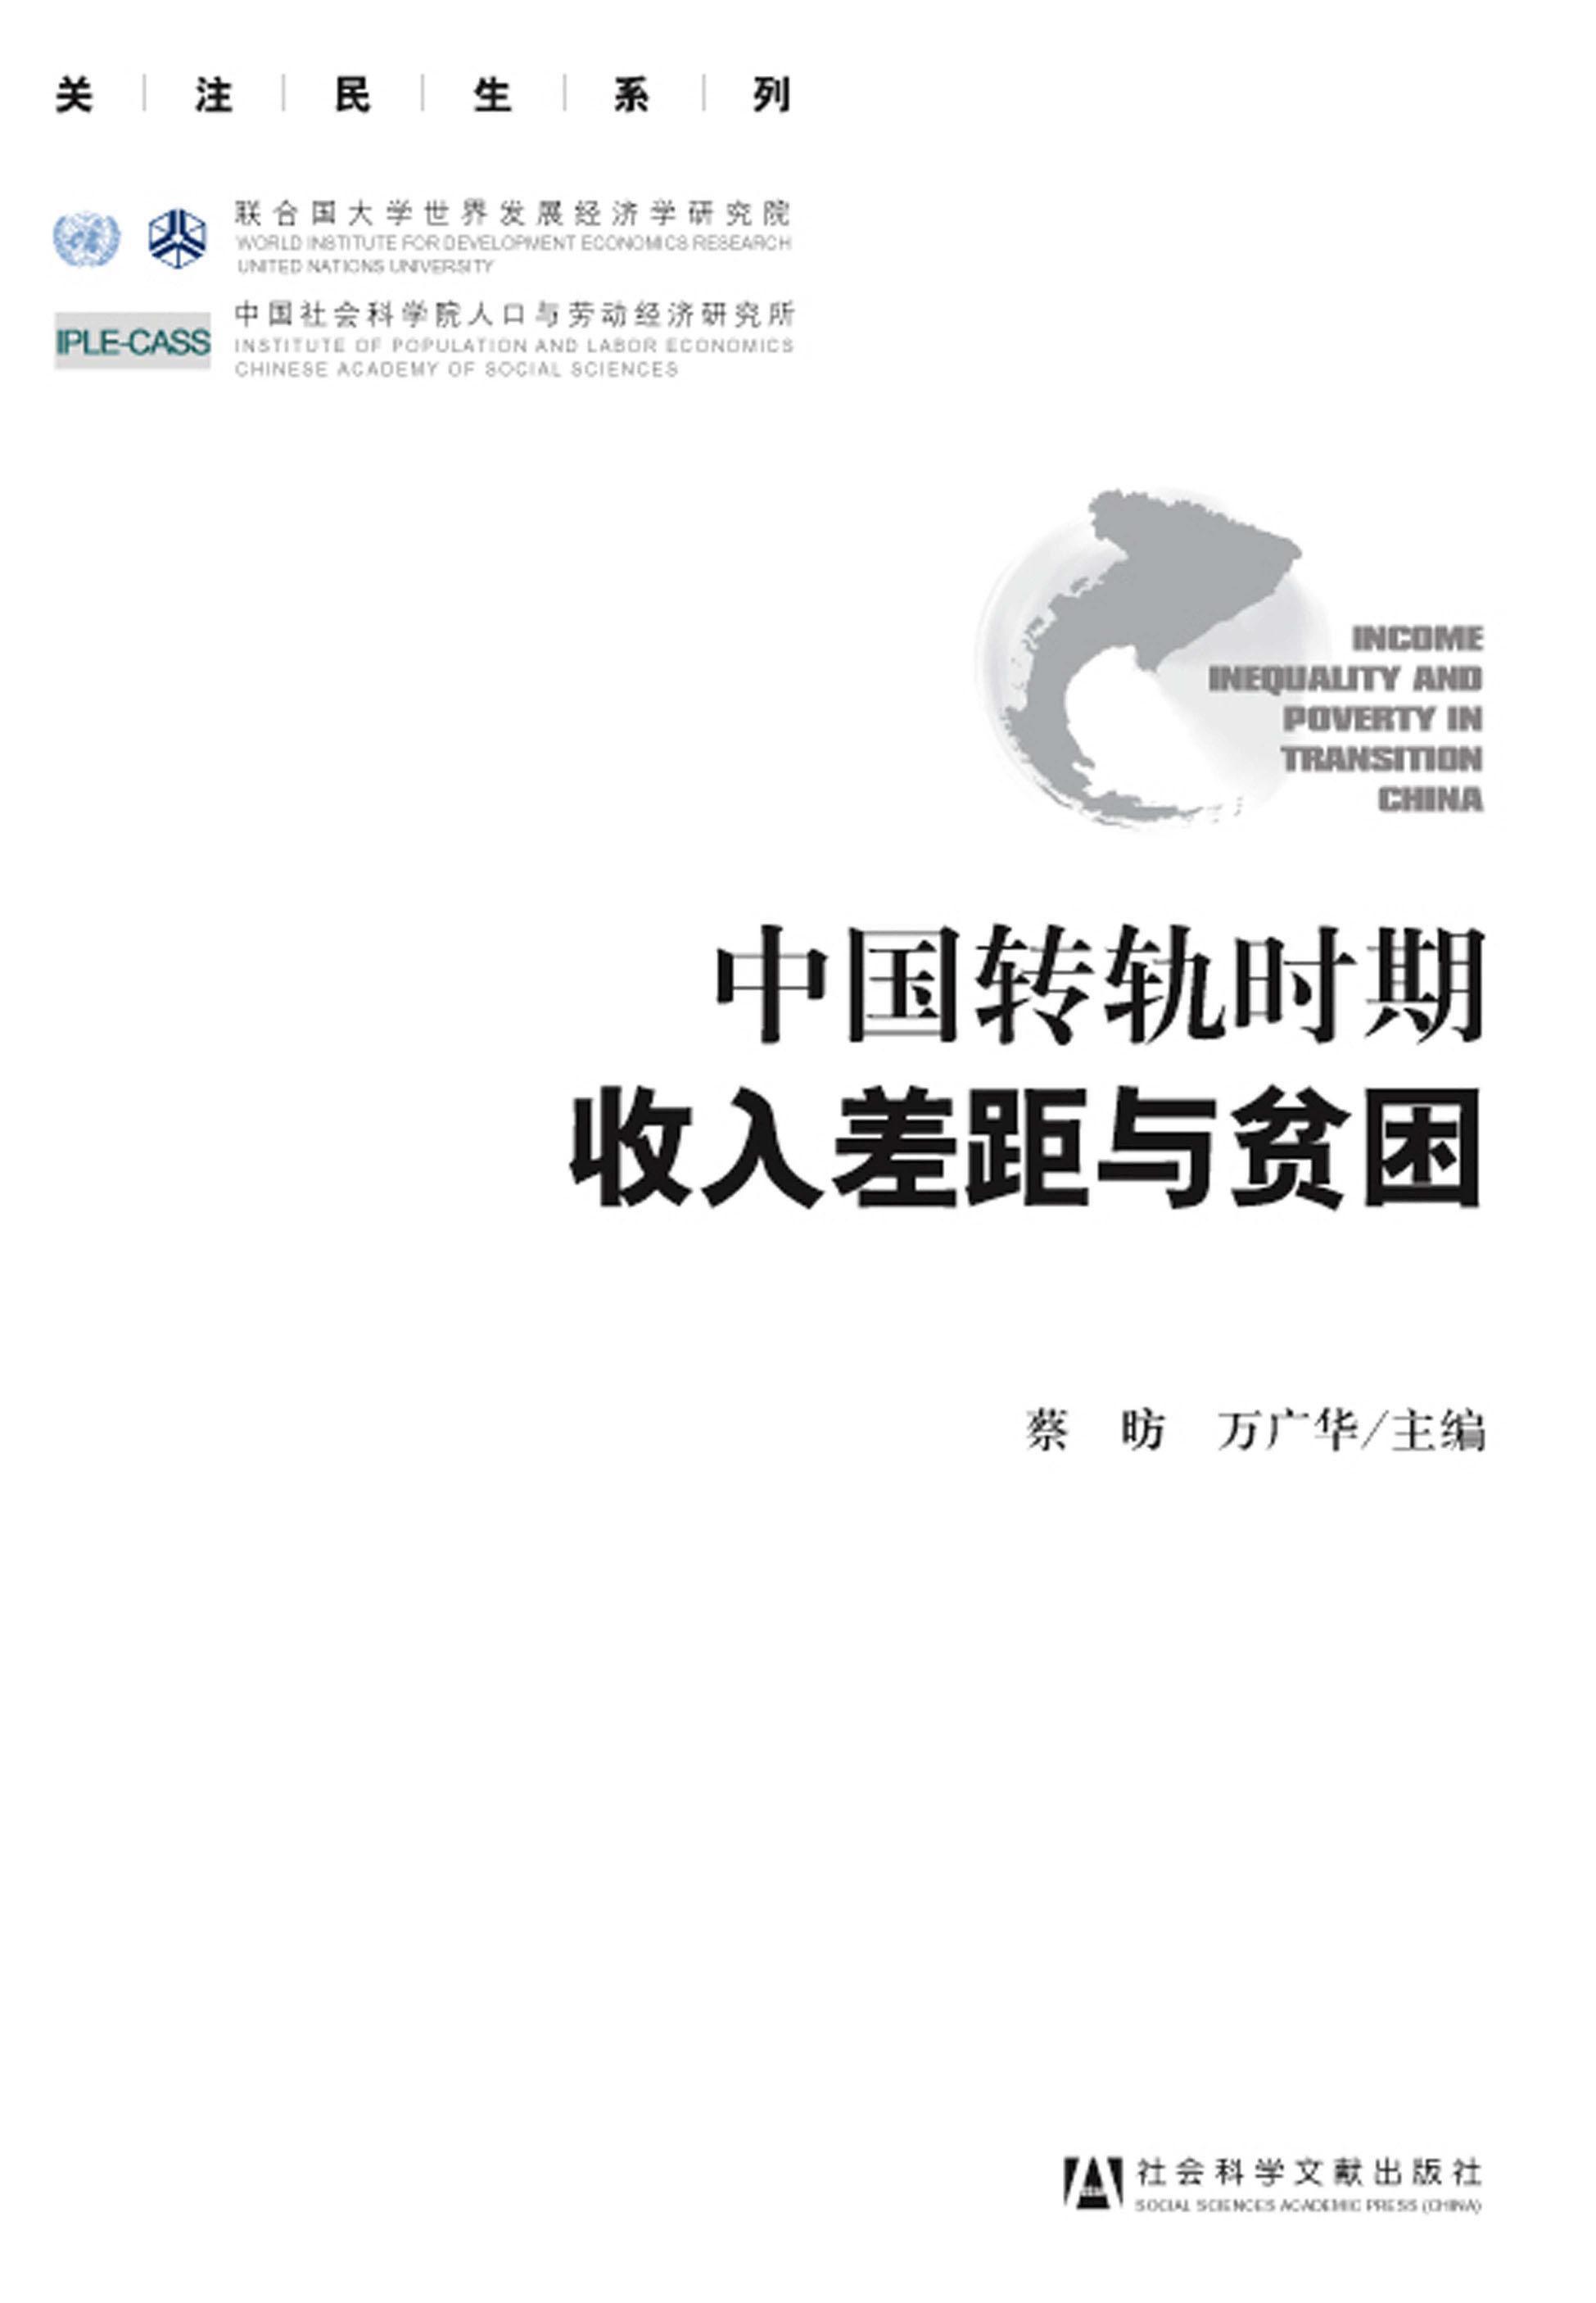 中国转轨时期收入差距与贫困